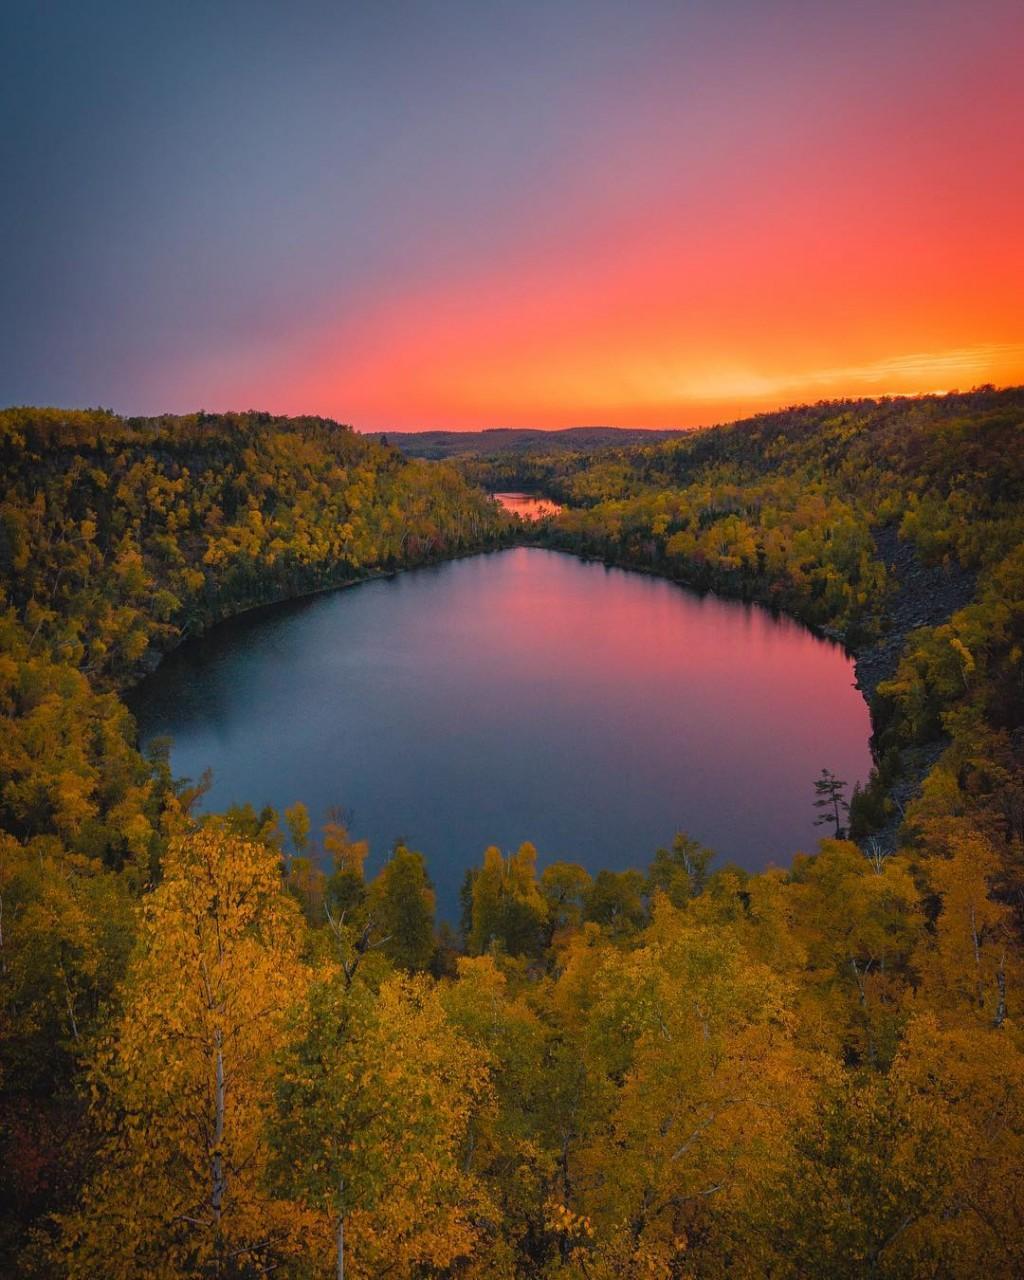 Осенняя Словения. Захватывающие пейзажи Джорджа Илструпа